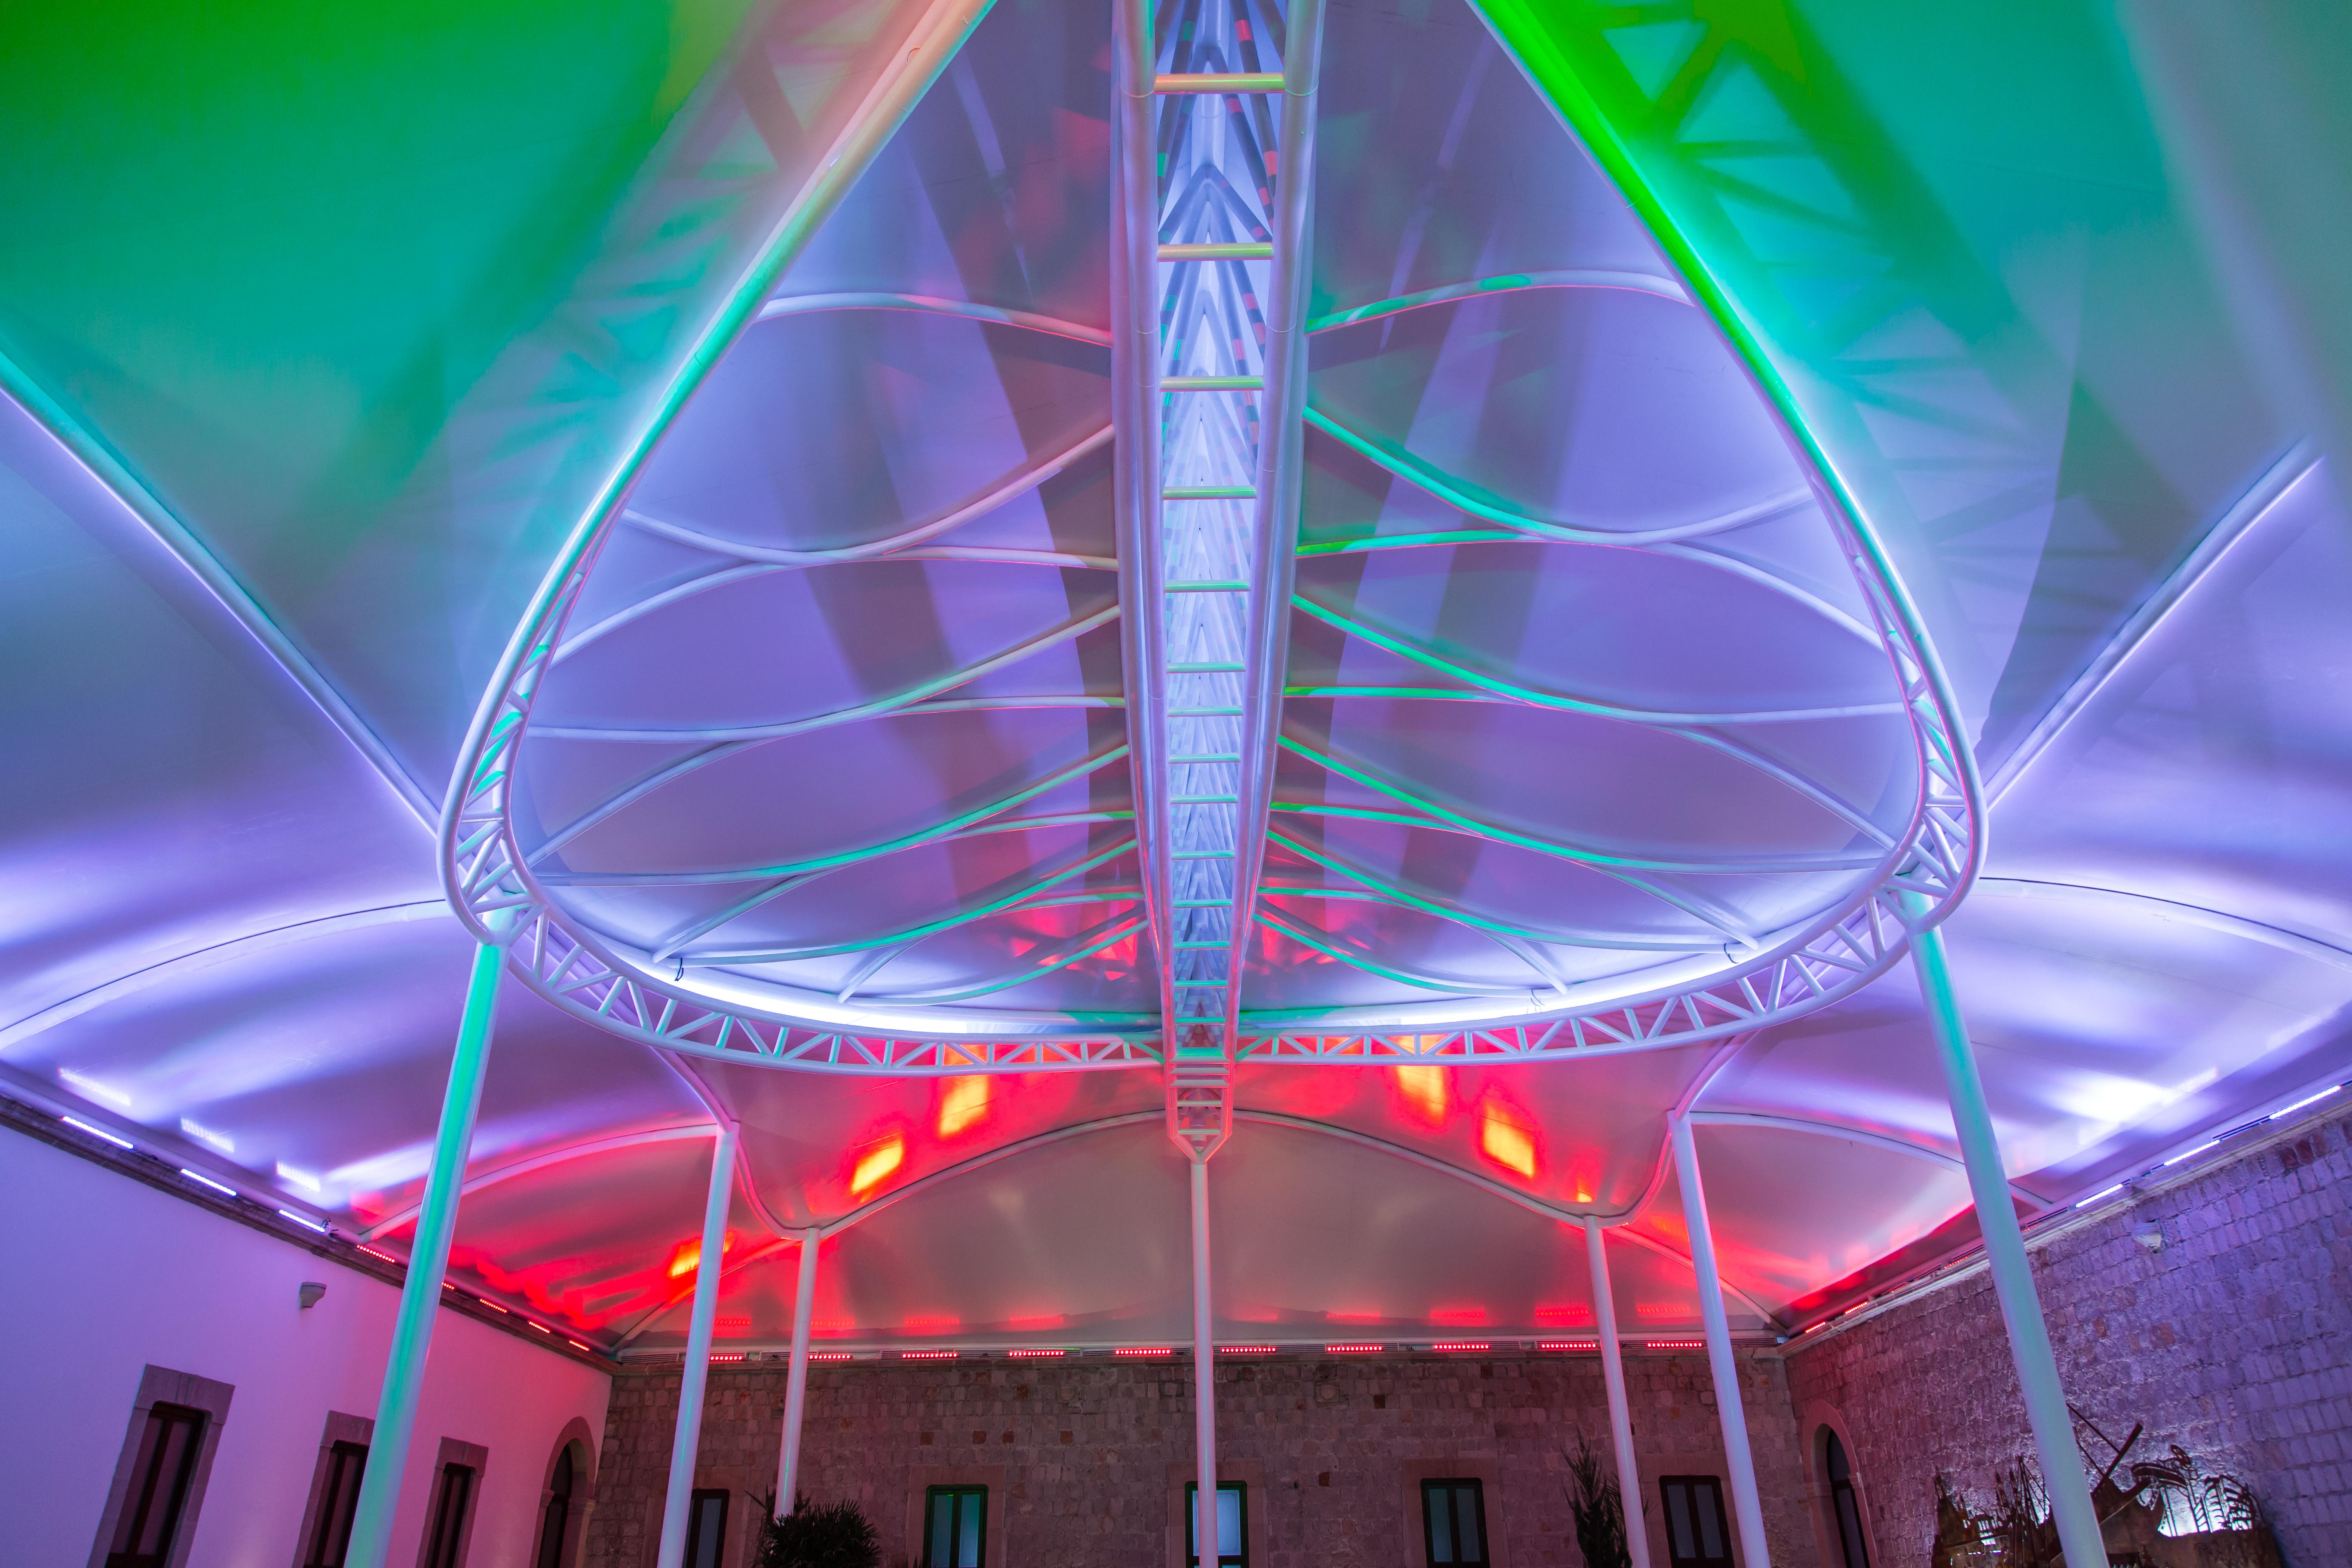 Centro Cultural y de Convenciones Bicentenario - CCB